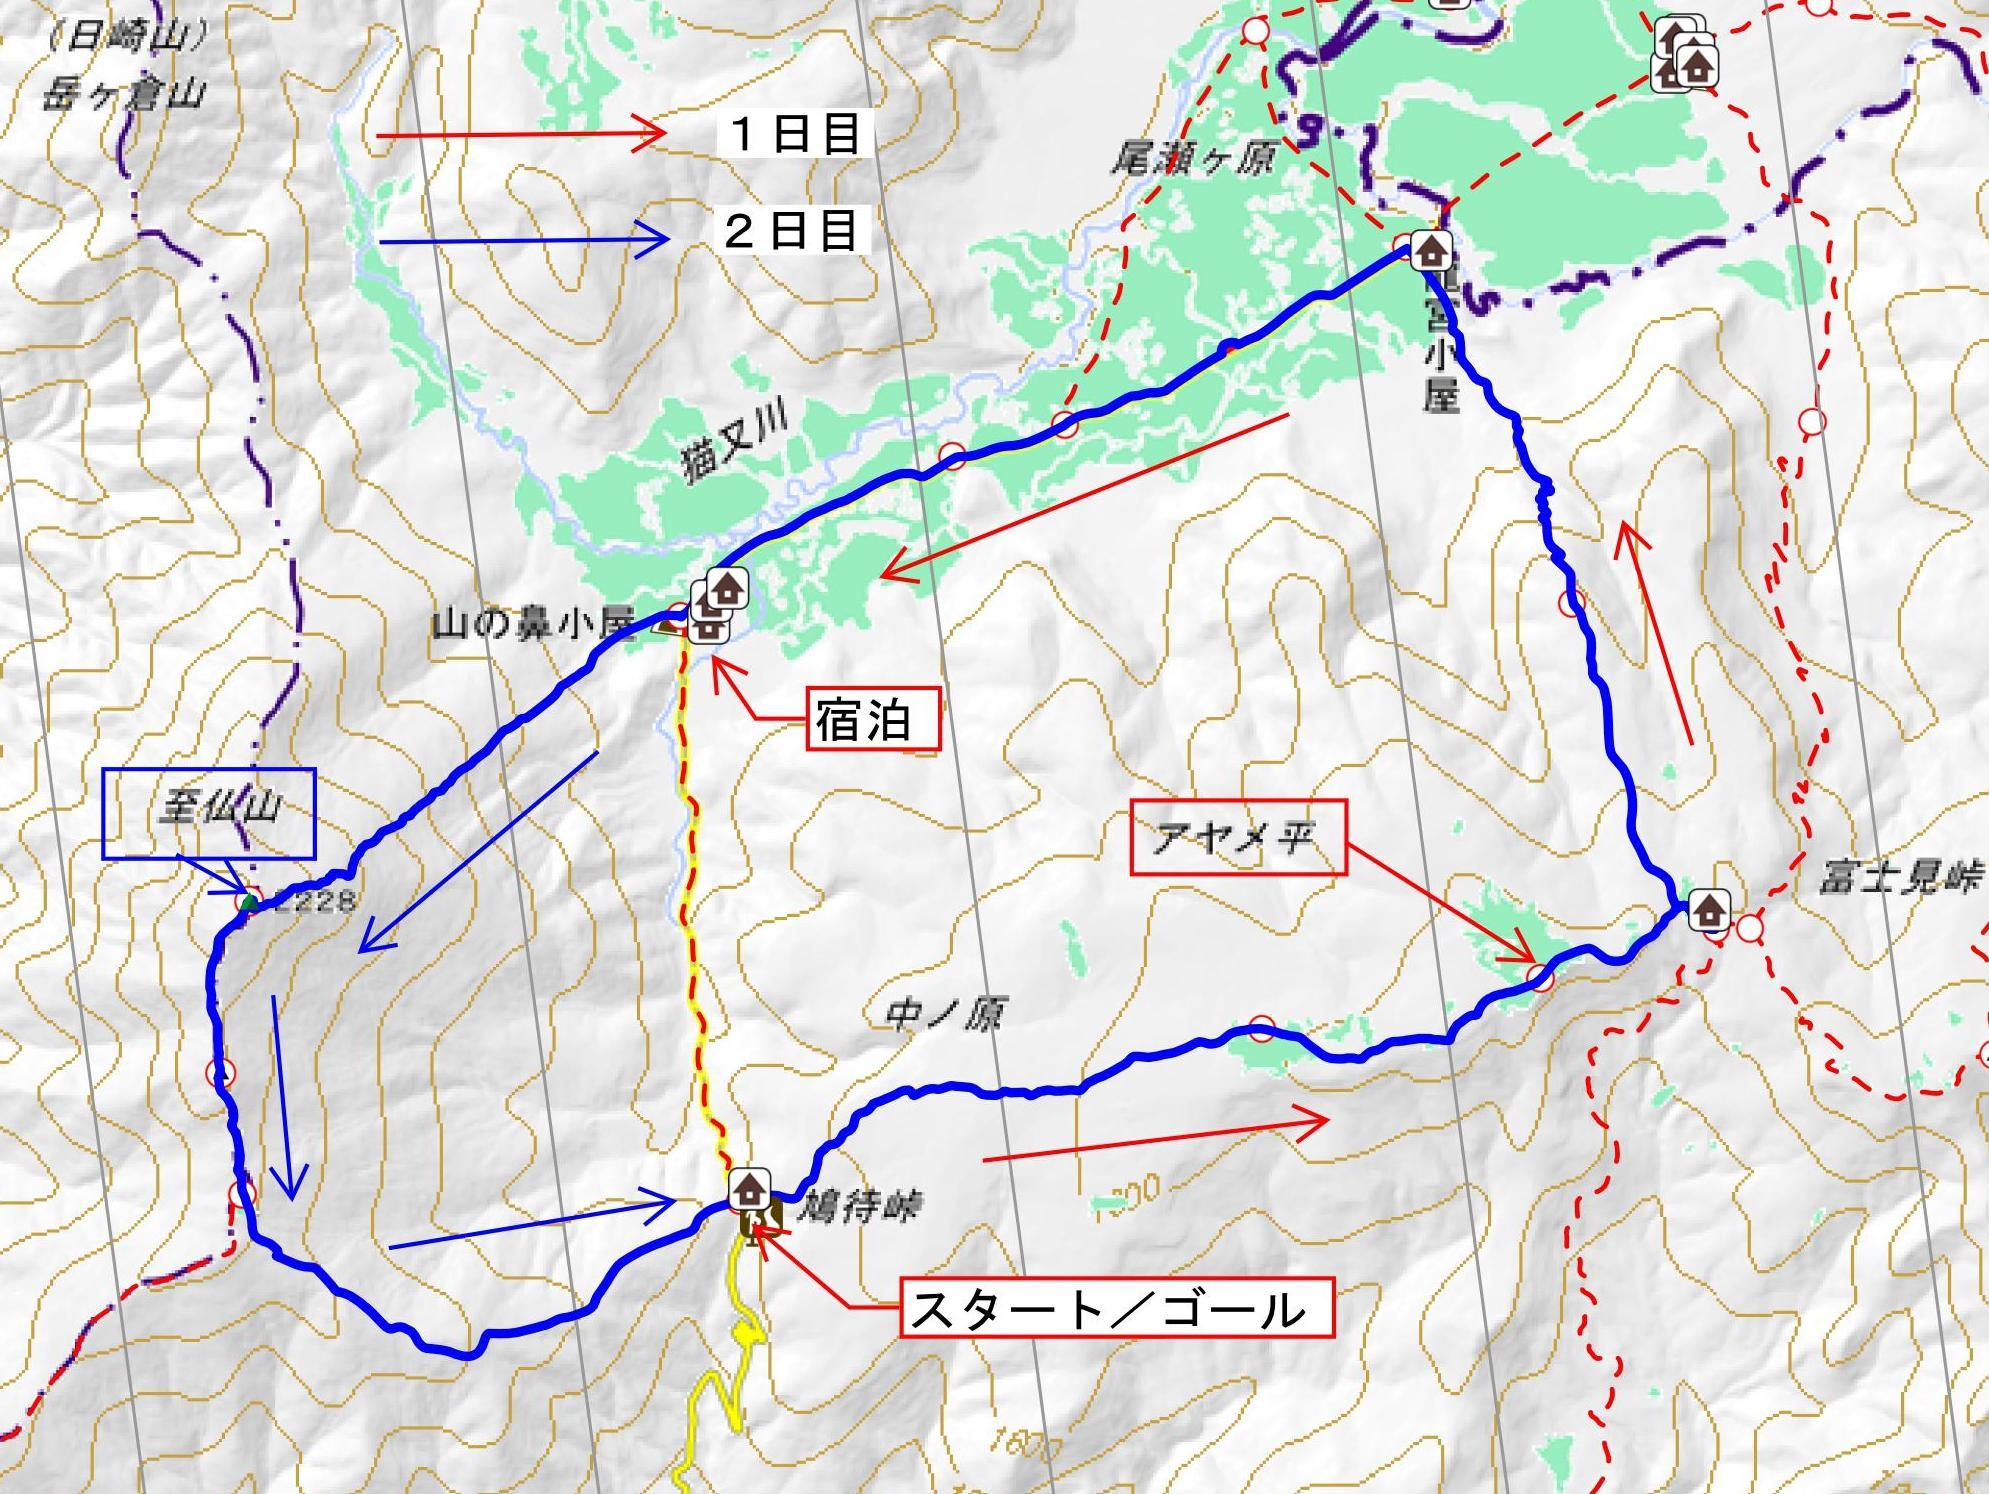 1-コースタイム&登山計画付き登山地図印刷A4縦 - Yamakei Online _ 山と渓谷社_02